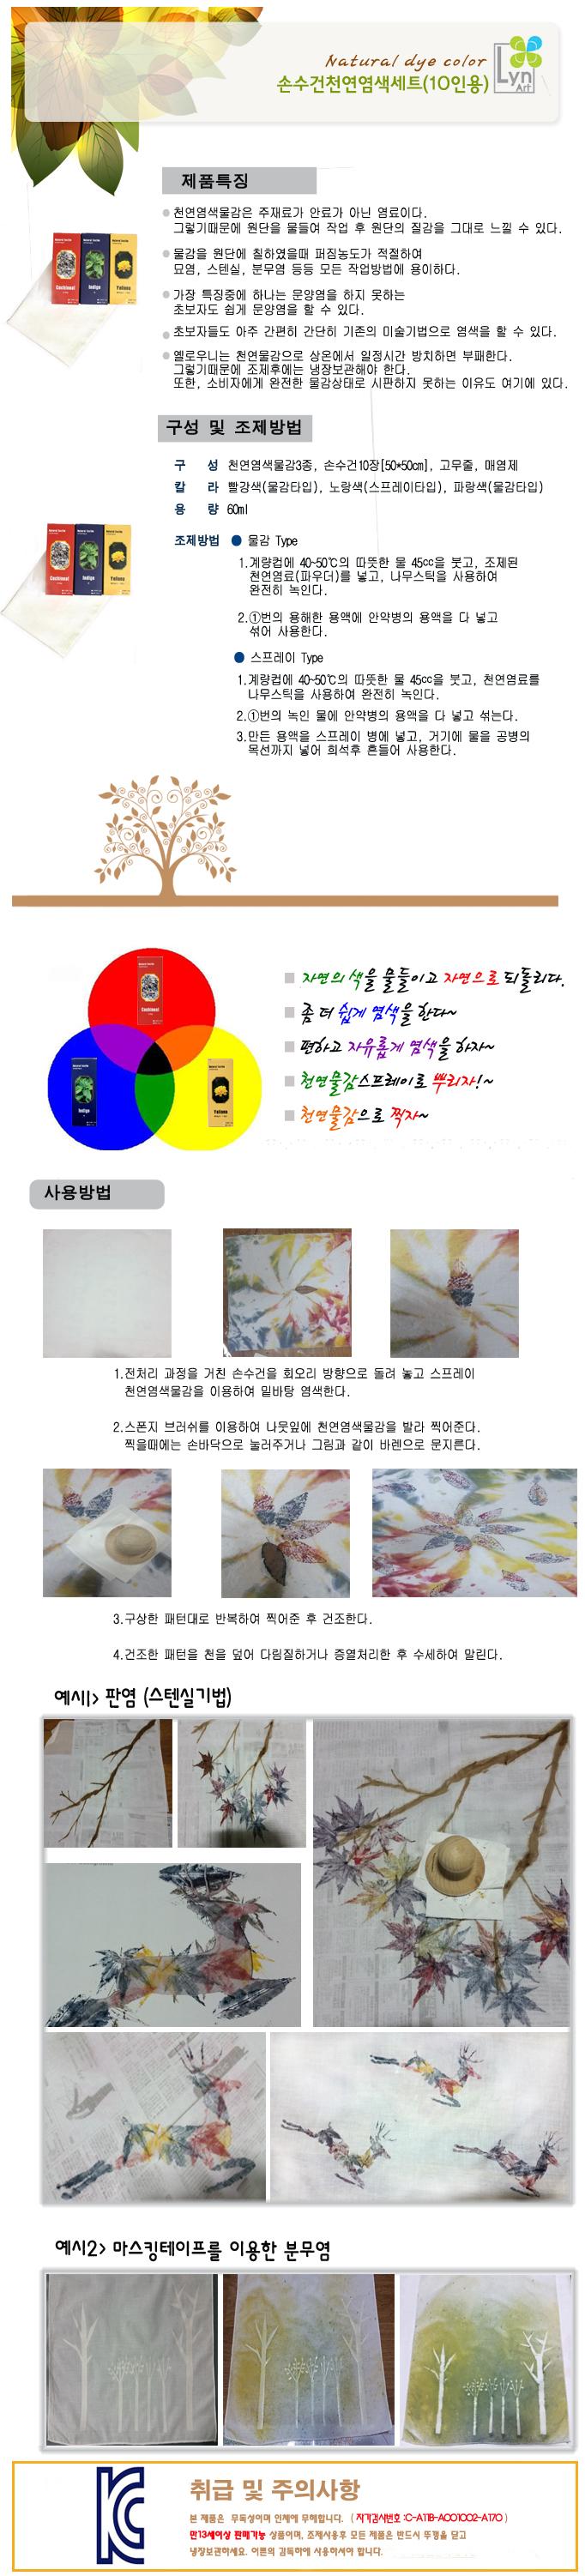 손수건천연염색물감세트(10인용) - 린아트, 42,000원, 전통/염색공예, 염색공예 패키지